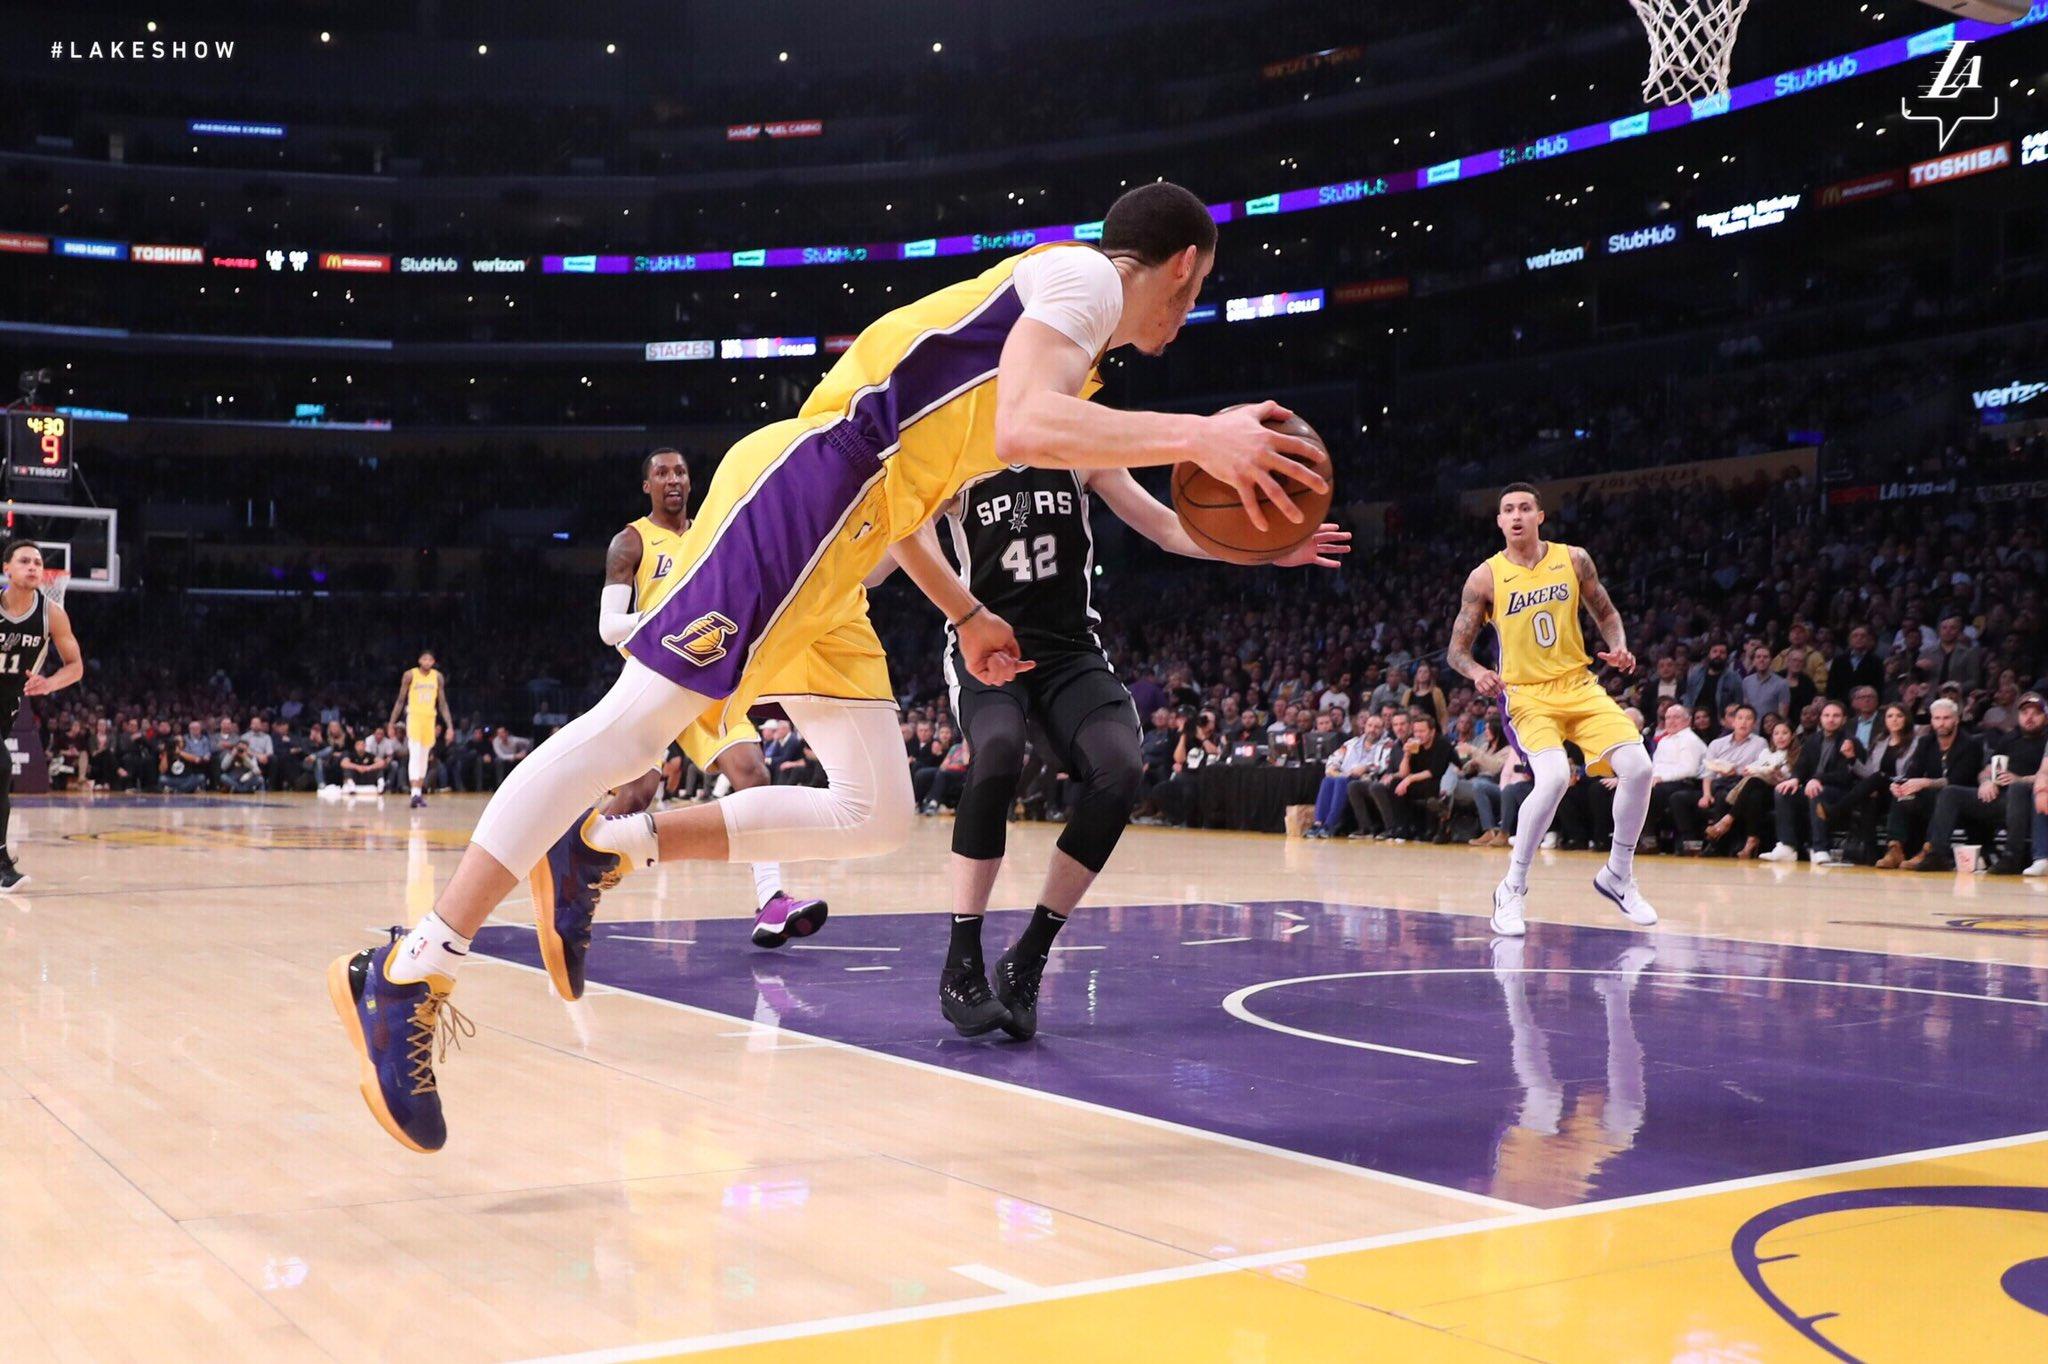 ��% Hustle  Lonzo Ball #NBAVote  Retweets = Votes �� https://t.co/YGCahCbLGW